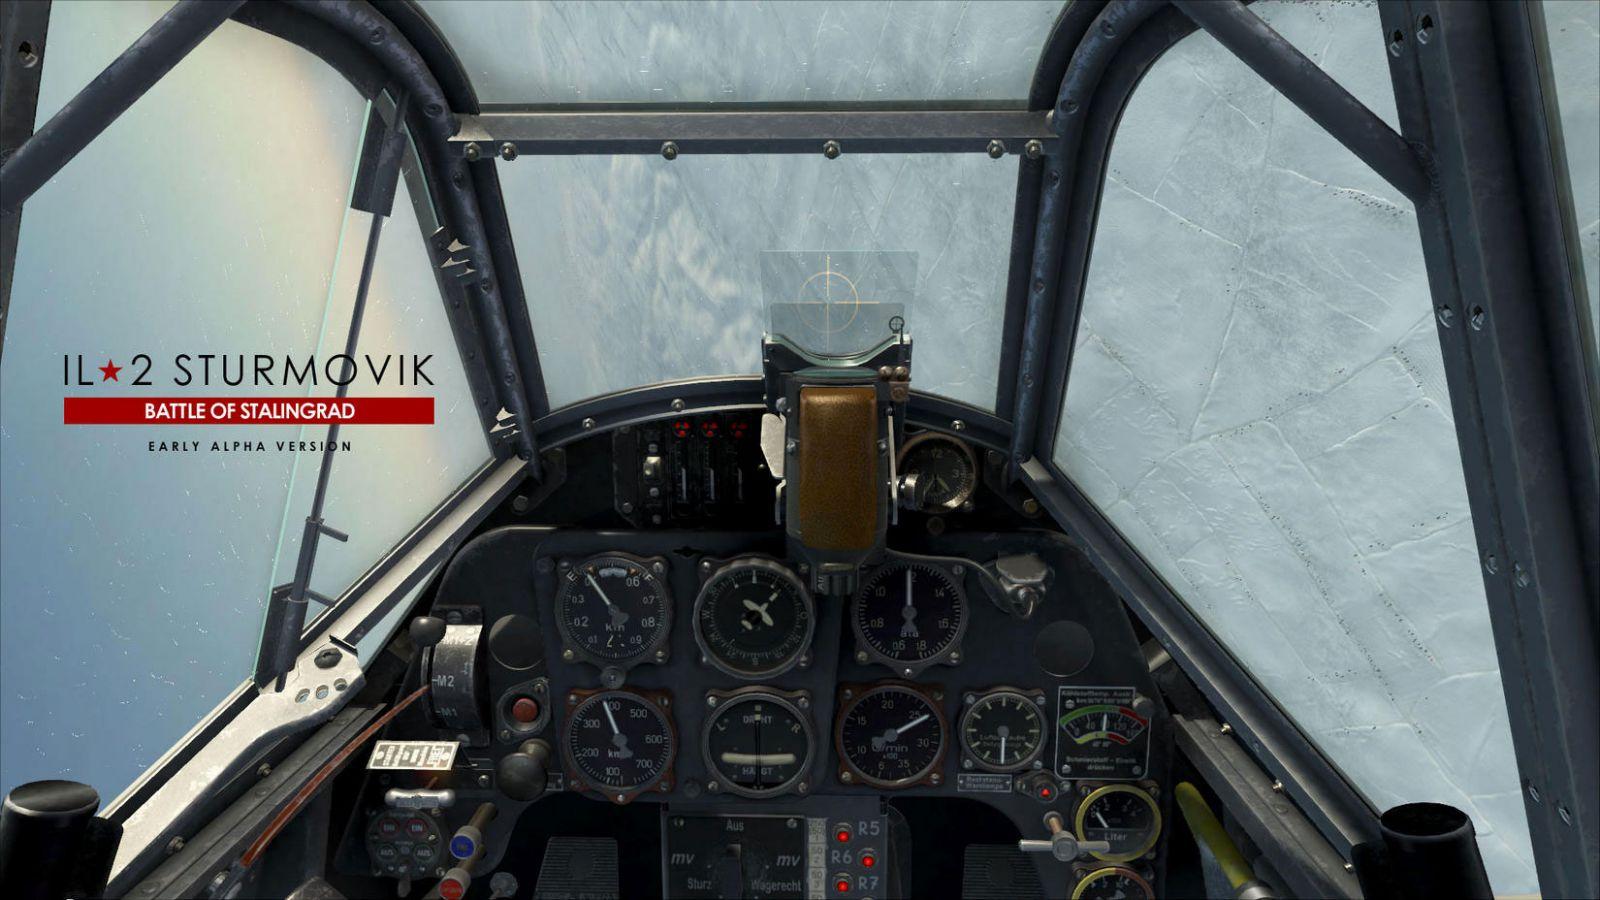 il-2 sturmovik battle of stalingrad pc torrent